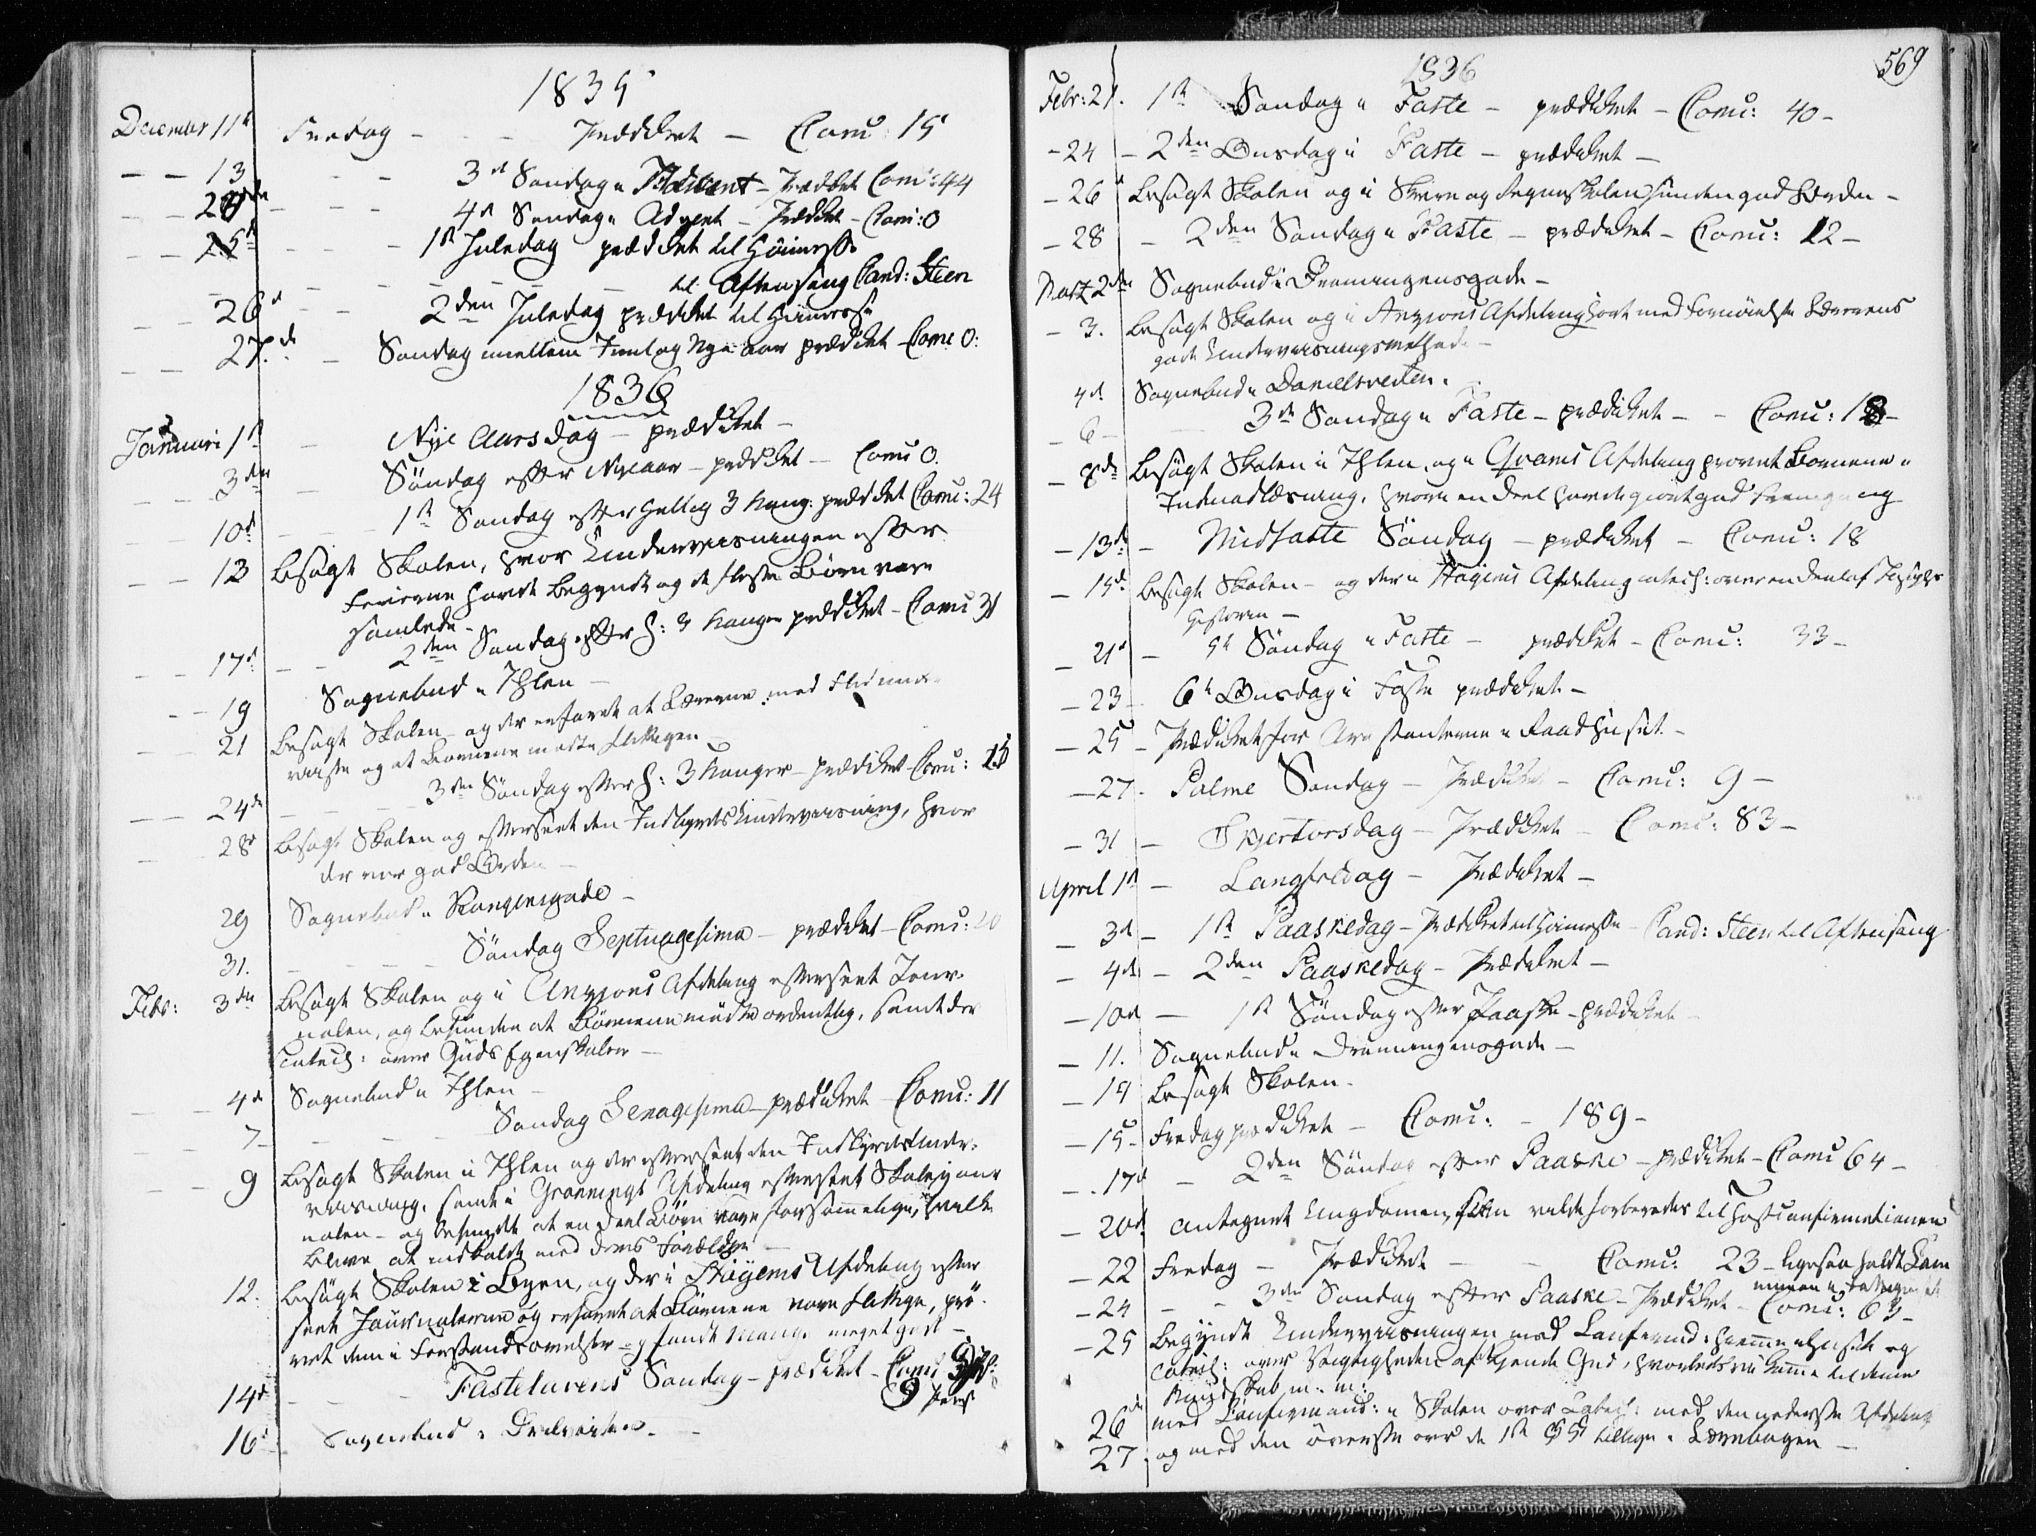 SAT, Ministerialprotokoller, klokkerbøker og fødselsregistre - Sør-Trøndelag, 601/L0047: Ministerialbok nr. 601A15, 1831-1839, s. 569